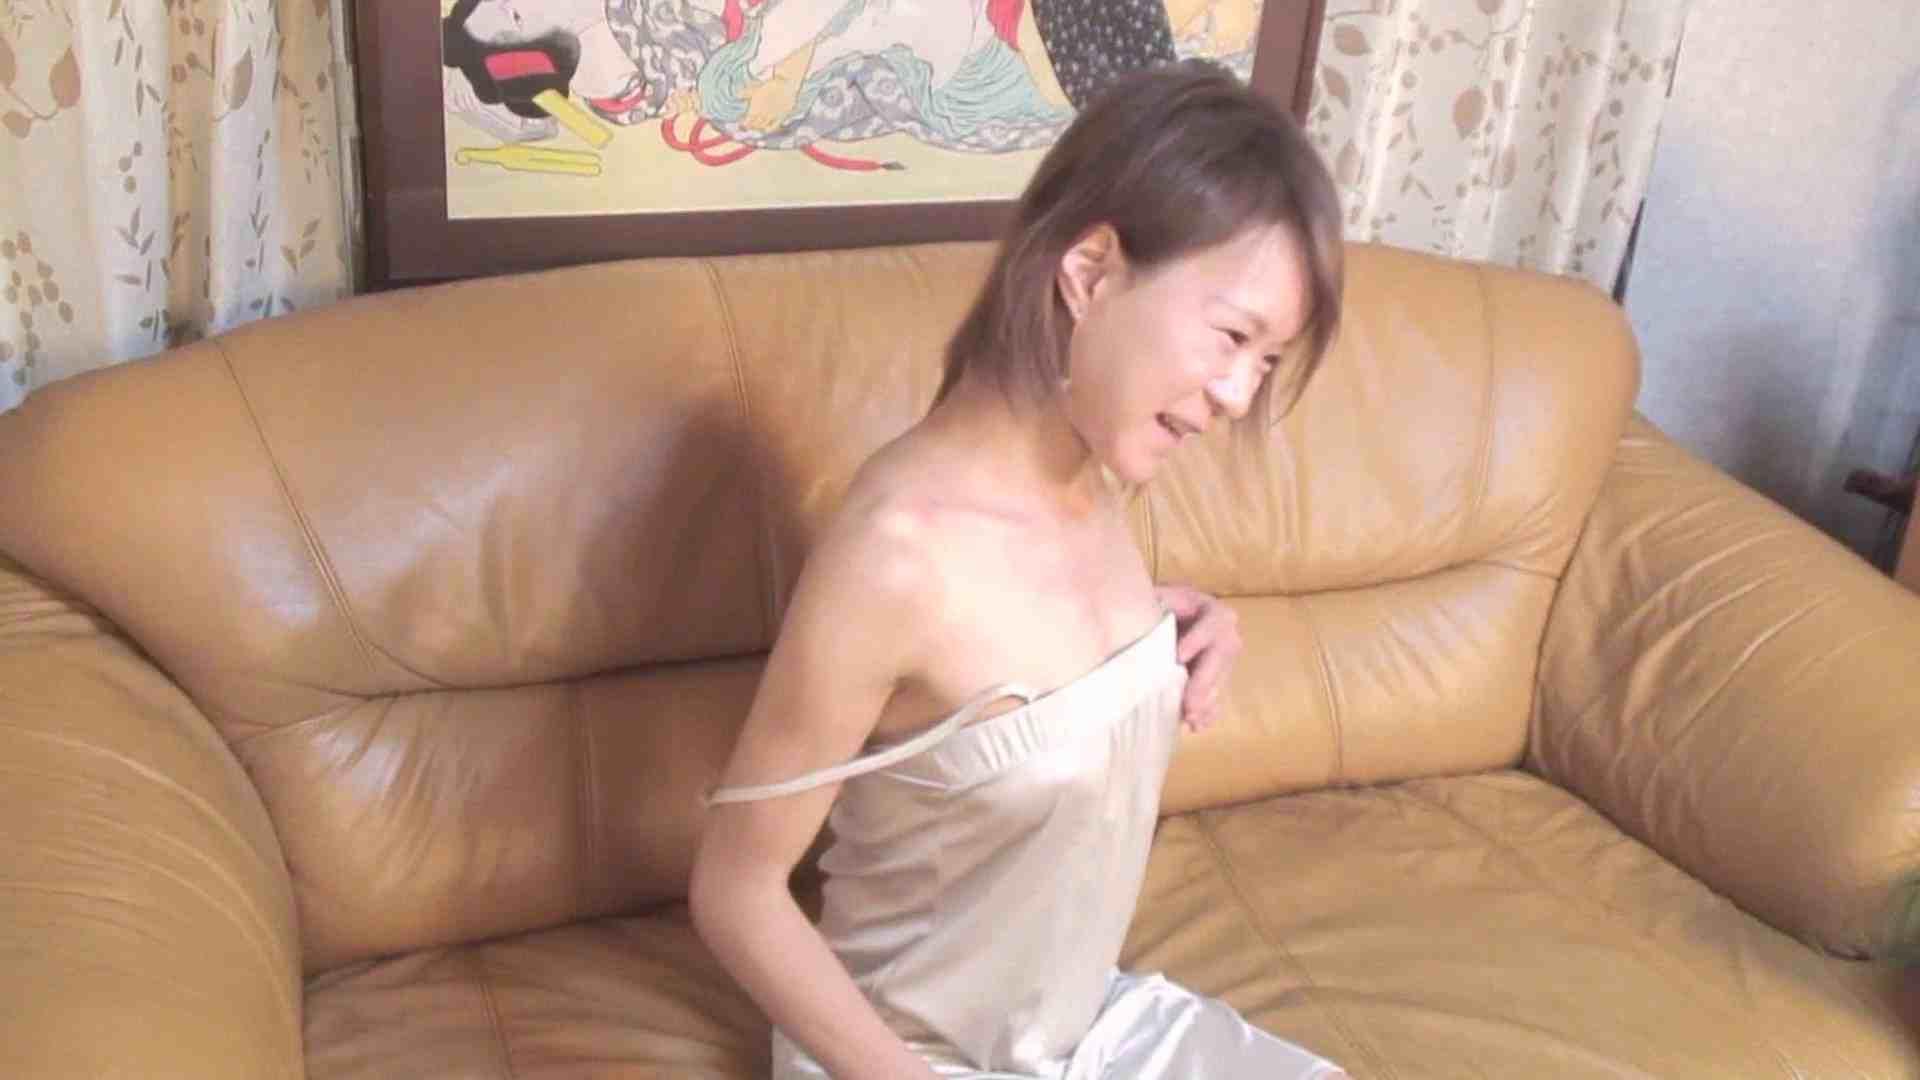 鬼才沖本監督作品 フェラしか出来ない女 フェラ | アナルDEセックス  34連発 13